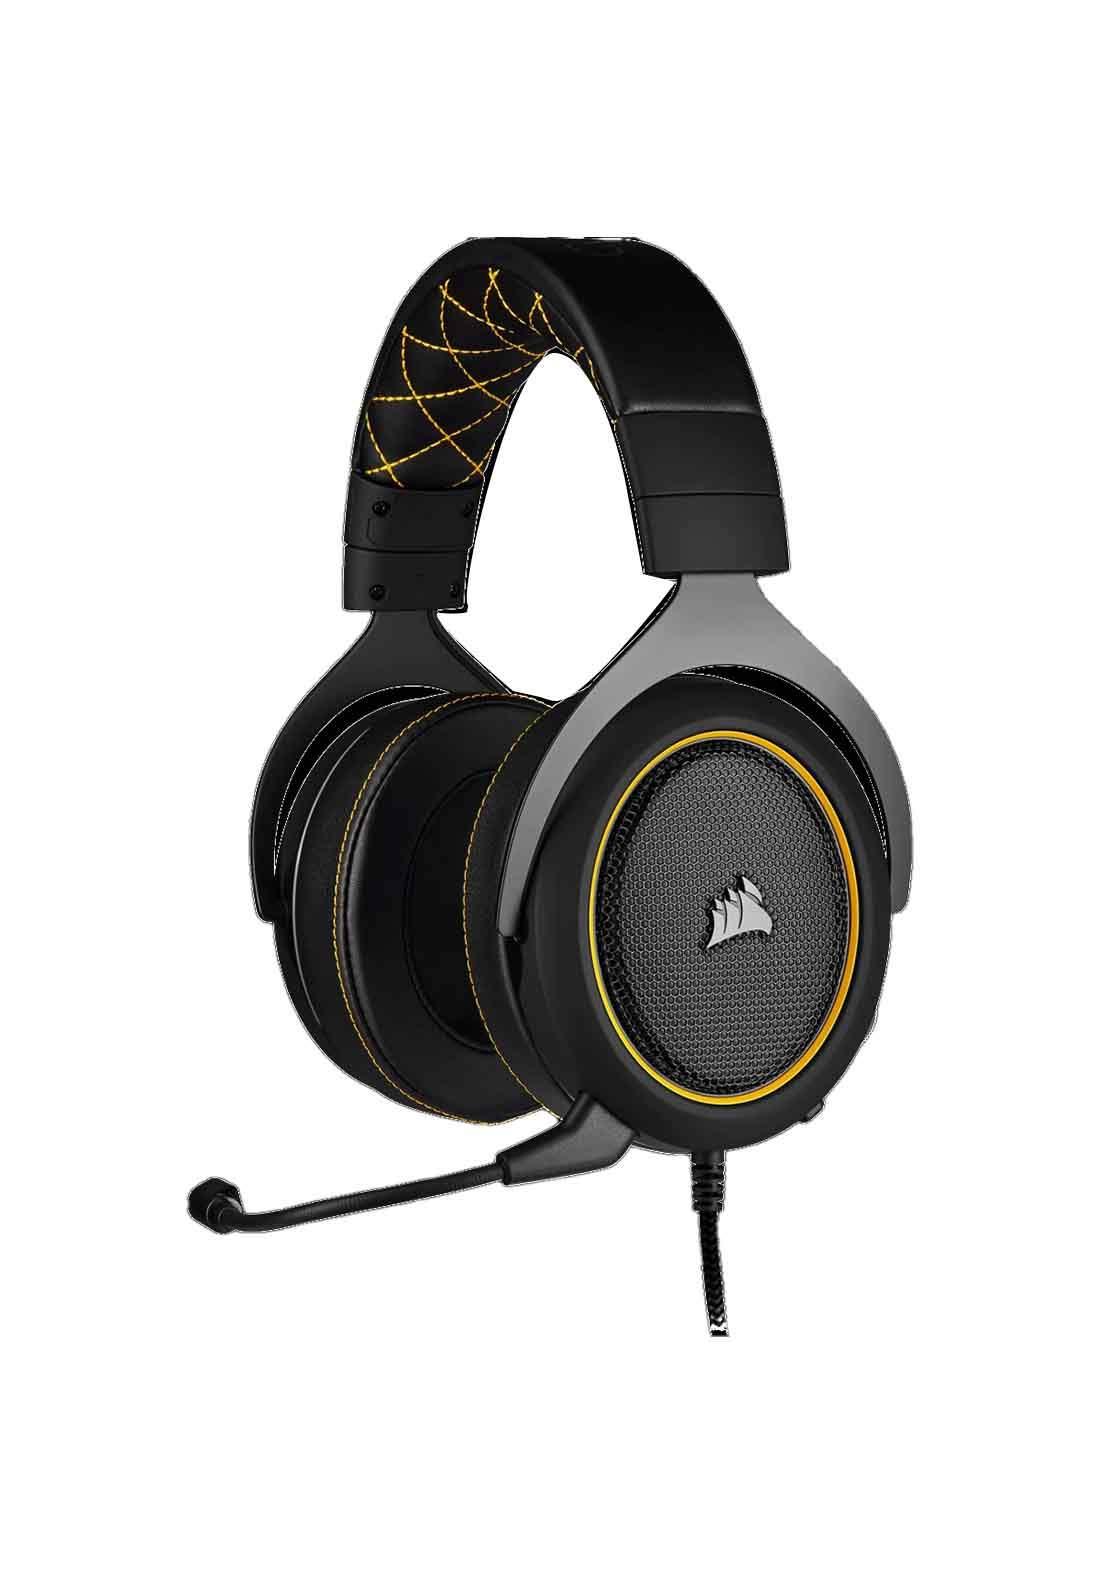 Corsair HS60 Pro Virtual Surround Gaming Headset - Black سماعة